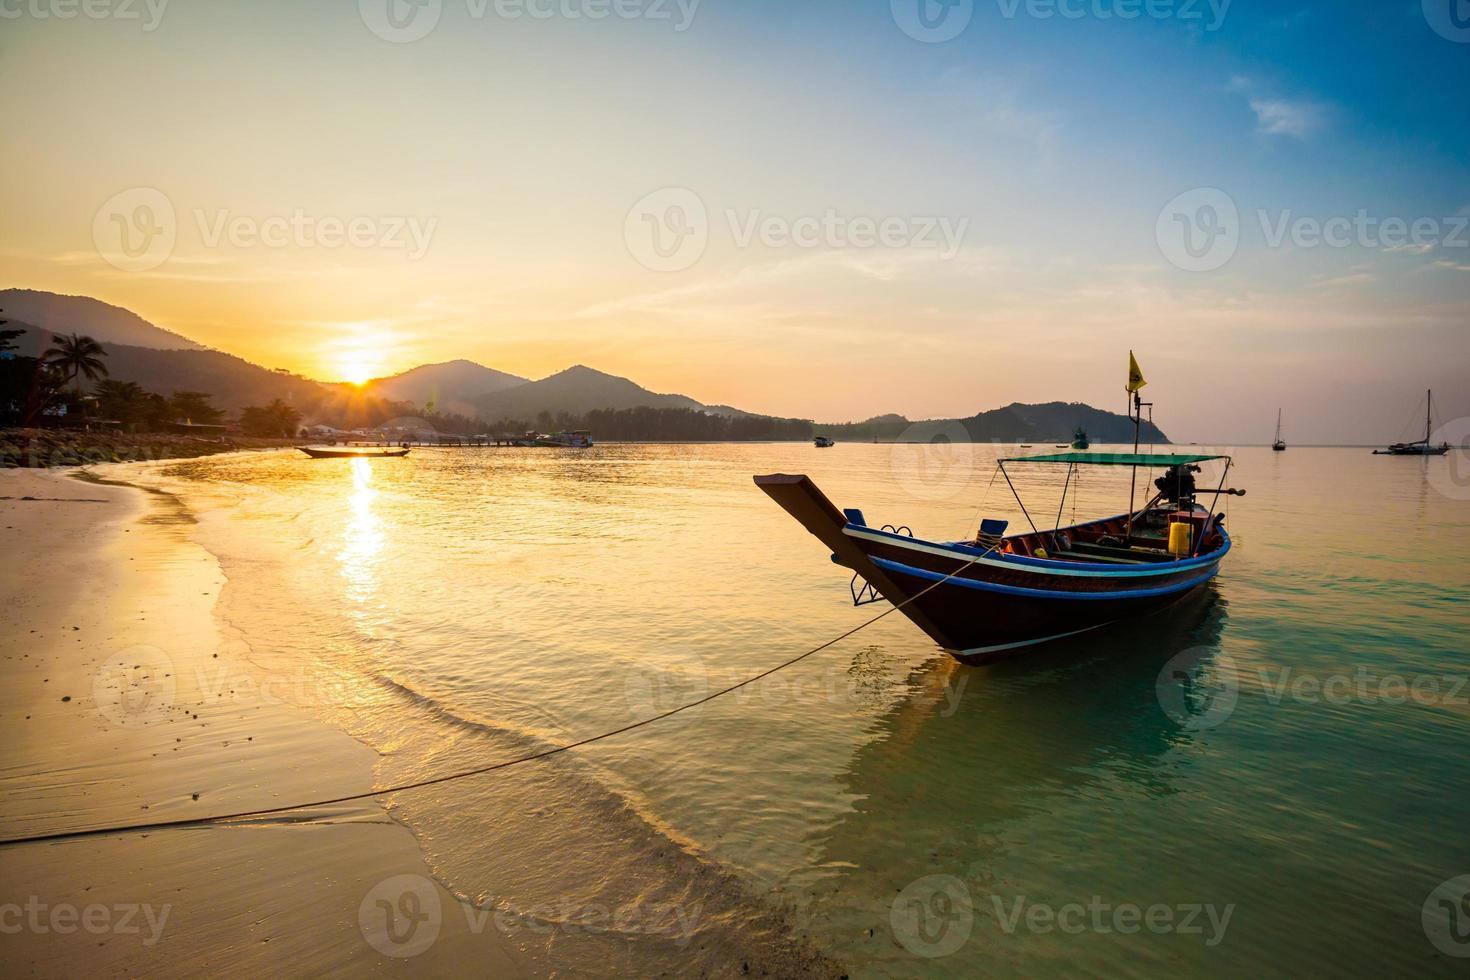 Sunset on Chaloklum beach photo